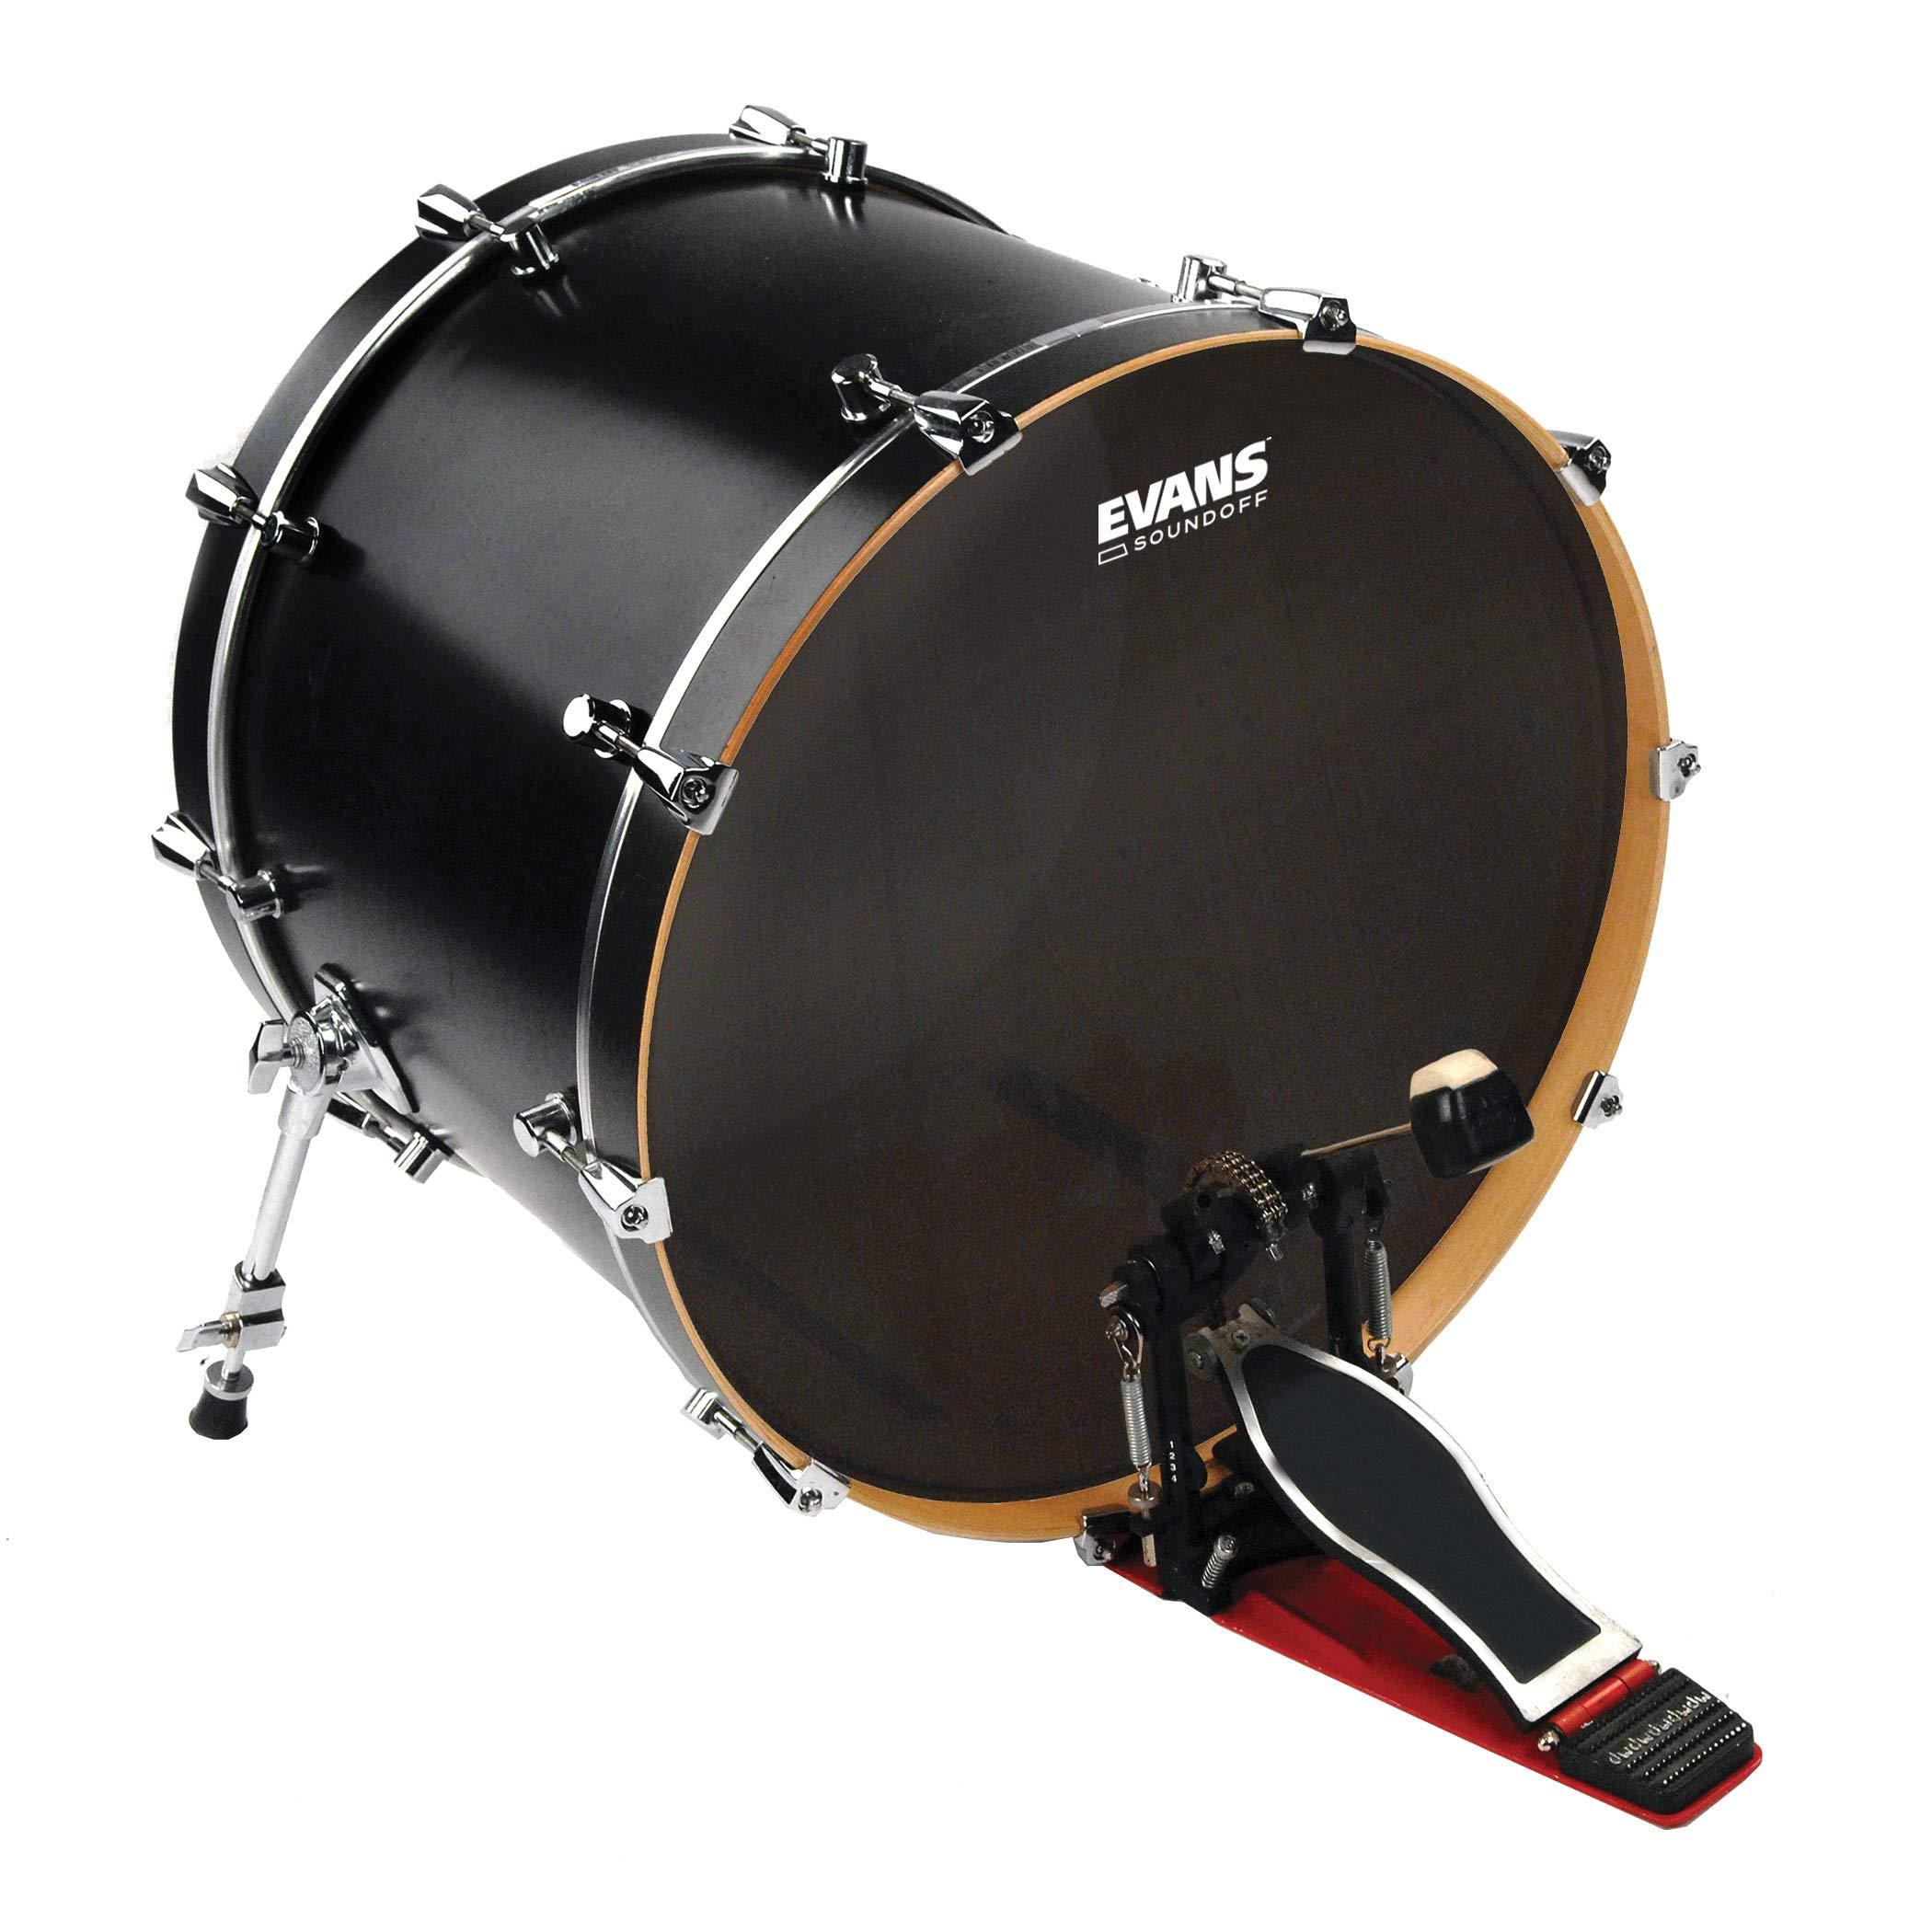 Evans SoundOff Drumhead 22 inch (BD22SO1)